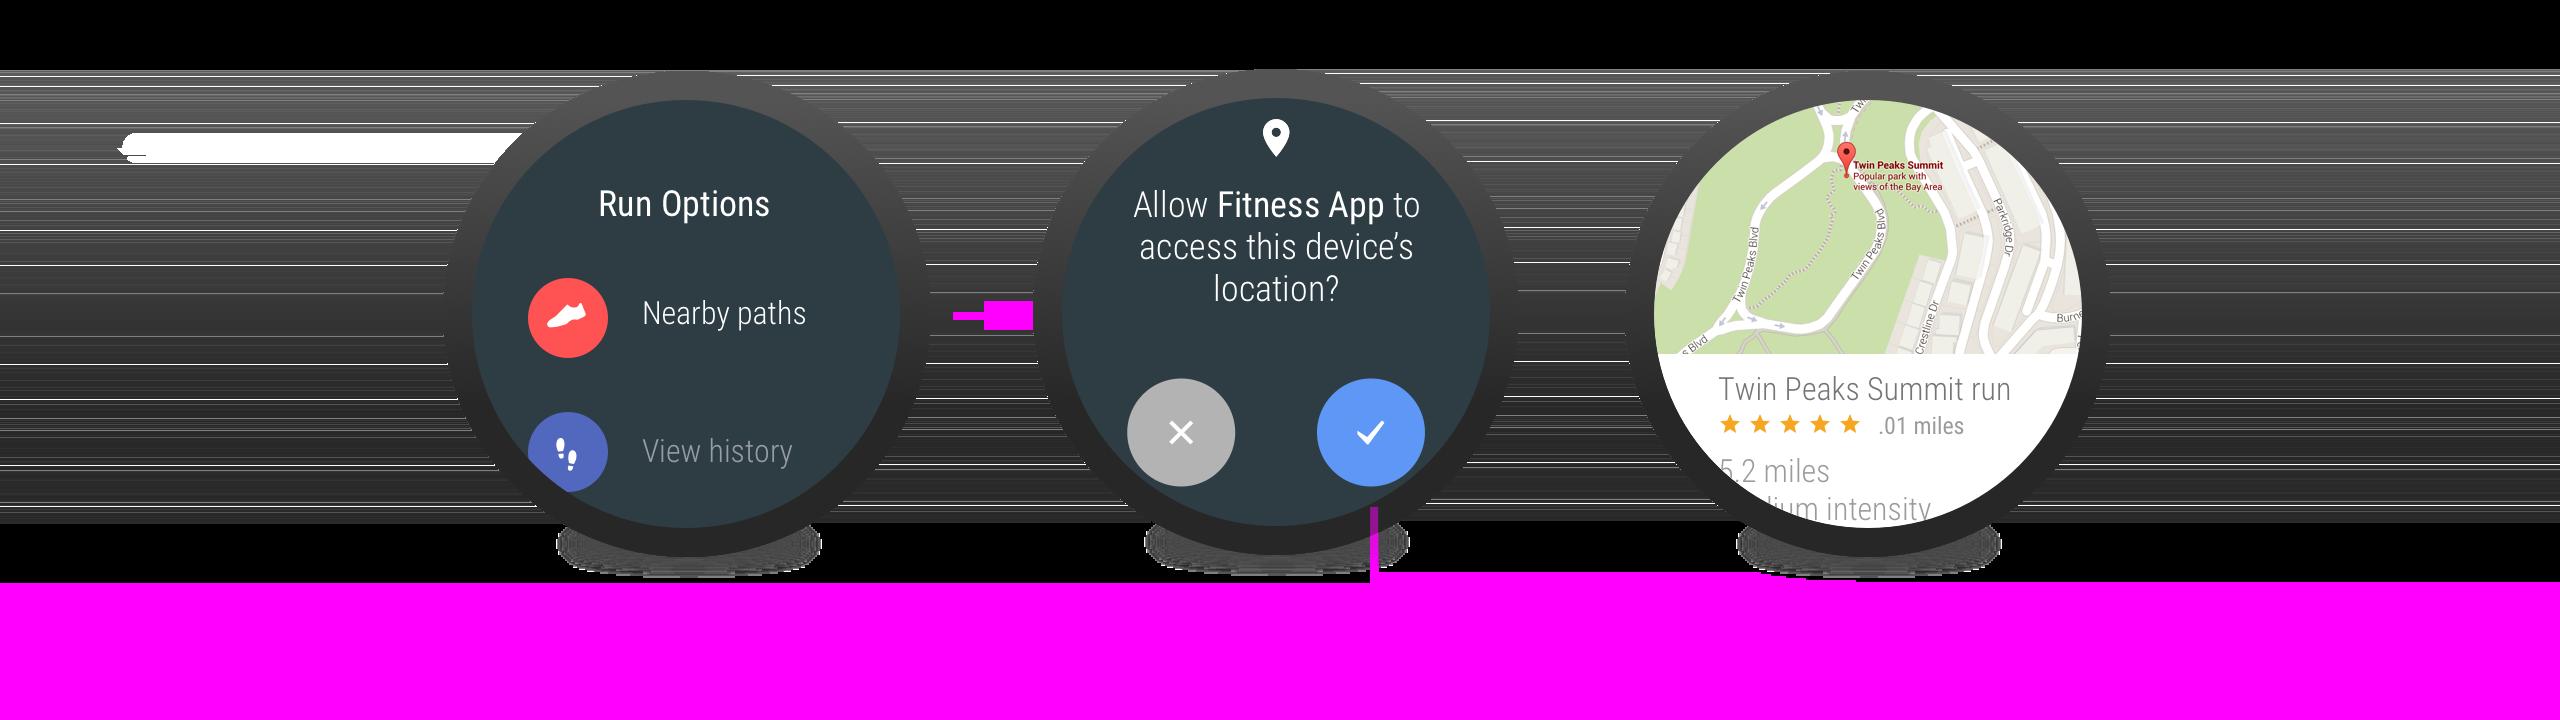 应用在明显需要权限时请求权限。